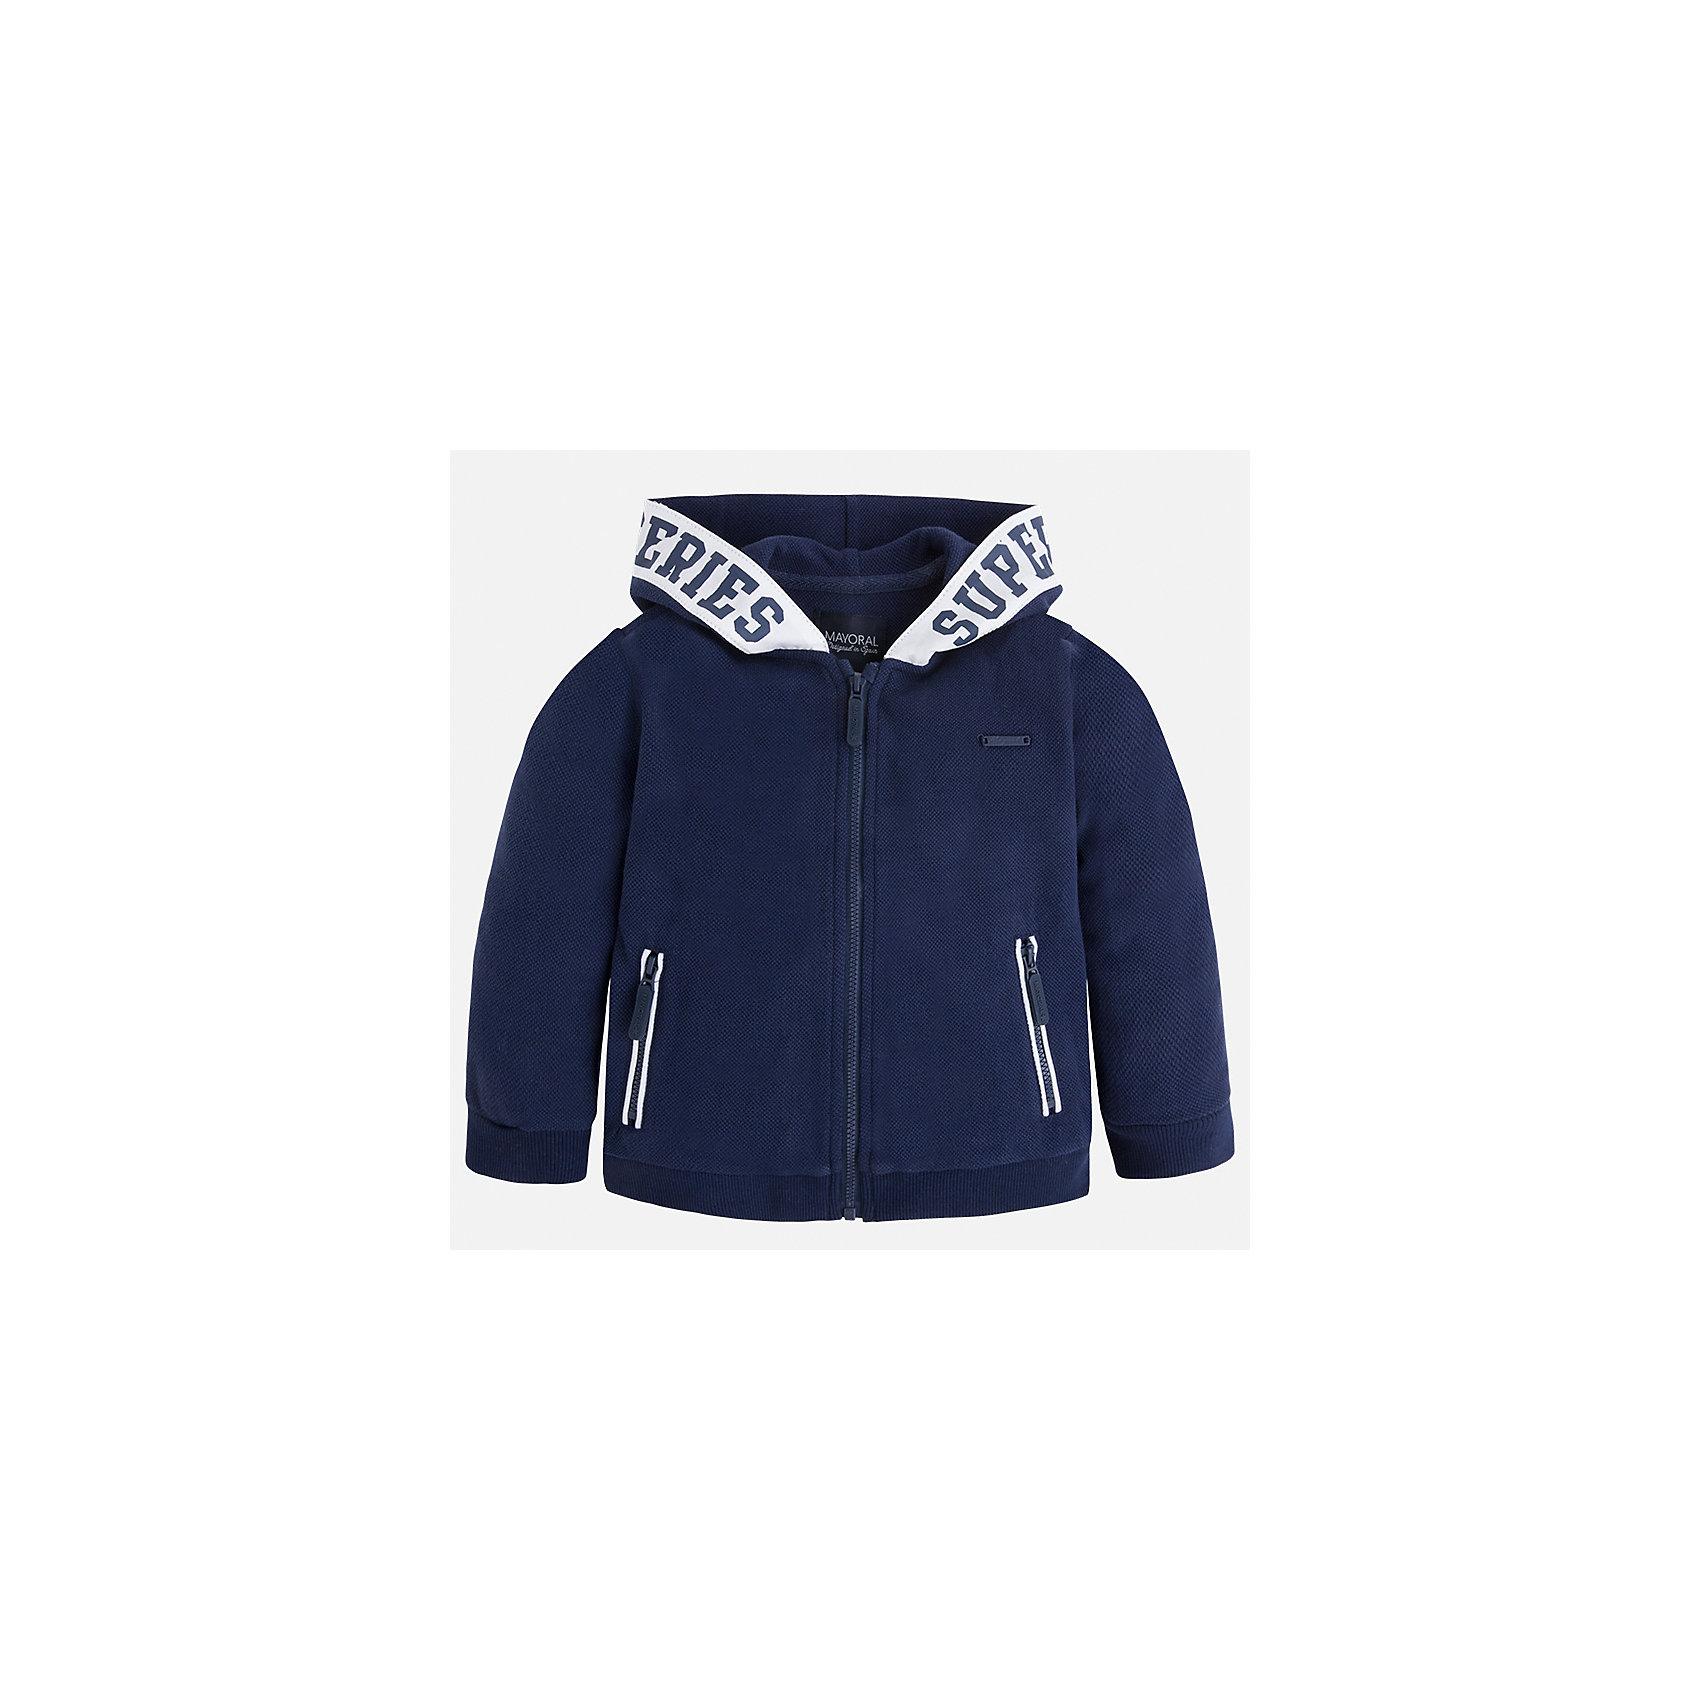 Куртка для мальчика MayoralХарактеристики товара:<br><br>• цвет: синий<br>• состав: 100% хлопок<br>• манжеты<br>• карманы<br>• молния<br>• капюшон<br>• страна бренда: Испания<br><br>Легкая куртка для мальчика поможет разнообразить гардероб ребенка и обеспечить тепло в прохладную погоду. Она отлично сочетается и с джинсами, и с брюками. Универсальный цвет позволяет подобрать к вещи низ различных расцветок. Интересная отделка модели делает её нарядной и оригинальной. В составе материала - только натуральный хлопок, гипоаллергенный, приятный на ощупь, дышащий.<br><br>Одежда, обувь и аксессуары от испанского бренда Mayoral полюбились детям и взрослым по всему миру. Модели этой марки - стильные и удобные. Для их производства используются только безопасные, качественные материалы и фурнитура. Порадуйте ребенка модными и красивыми вещами от Mayoral! <br><br>Куртку для мальчика от испанского бренда Mayoral (Майорал) можно купить в нашем интернет-магазине.<br><br>Ширина мм: 356<br>Глубина мм: 10<br>Высота мм: 245<br>Вес г: 519<br>Цвет: синий<br>Возраст от месяцев: 18<br>Возраст до месяцев: 24<br>Пол: Мужской<br>Возраст: Детский<br>Размер: 92,98,104,110,116,128,122,134<br>SKU: 5280639